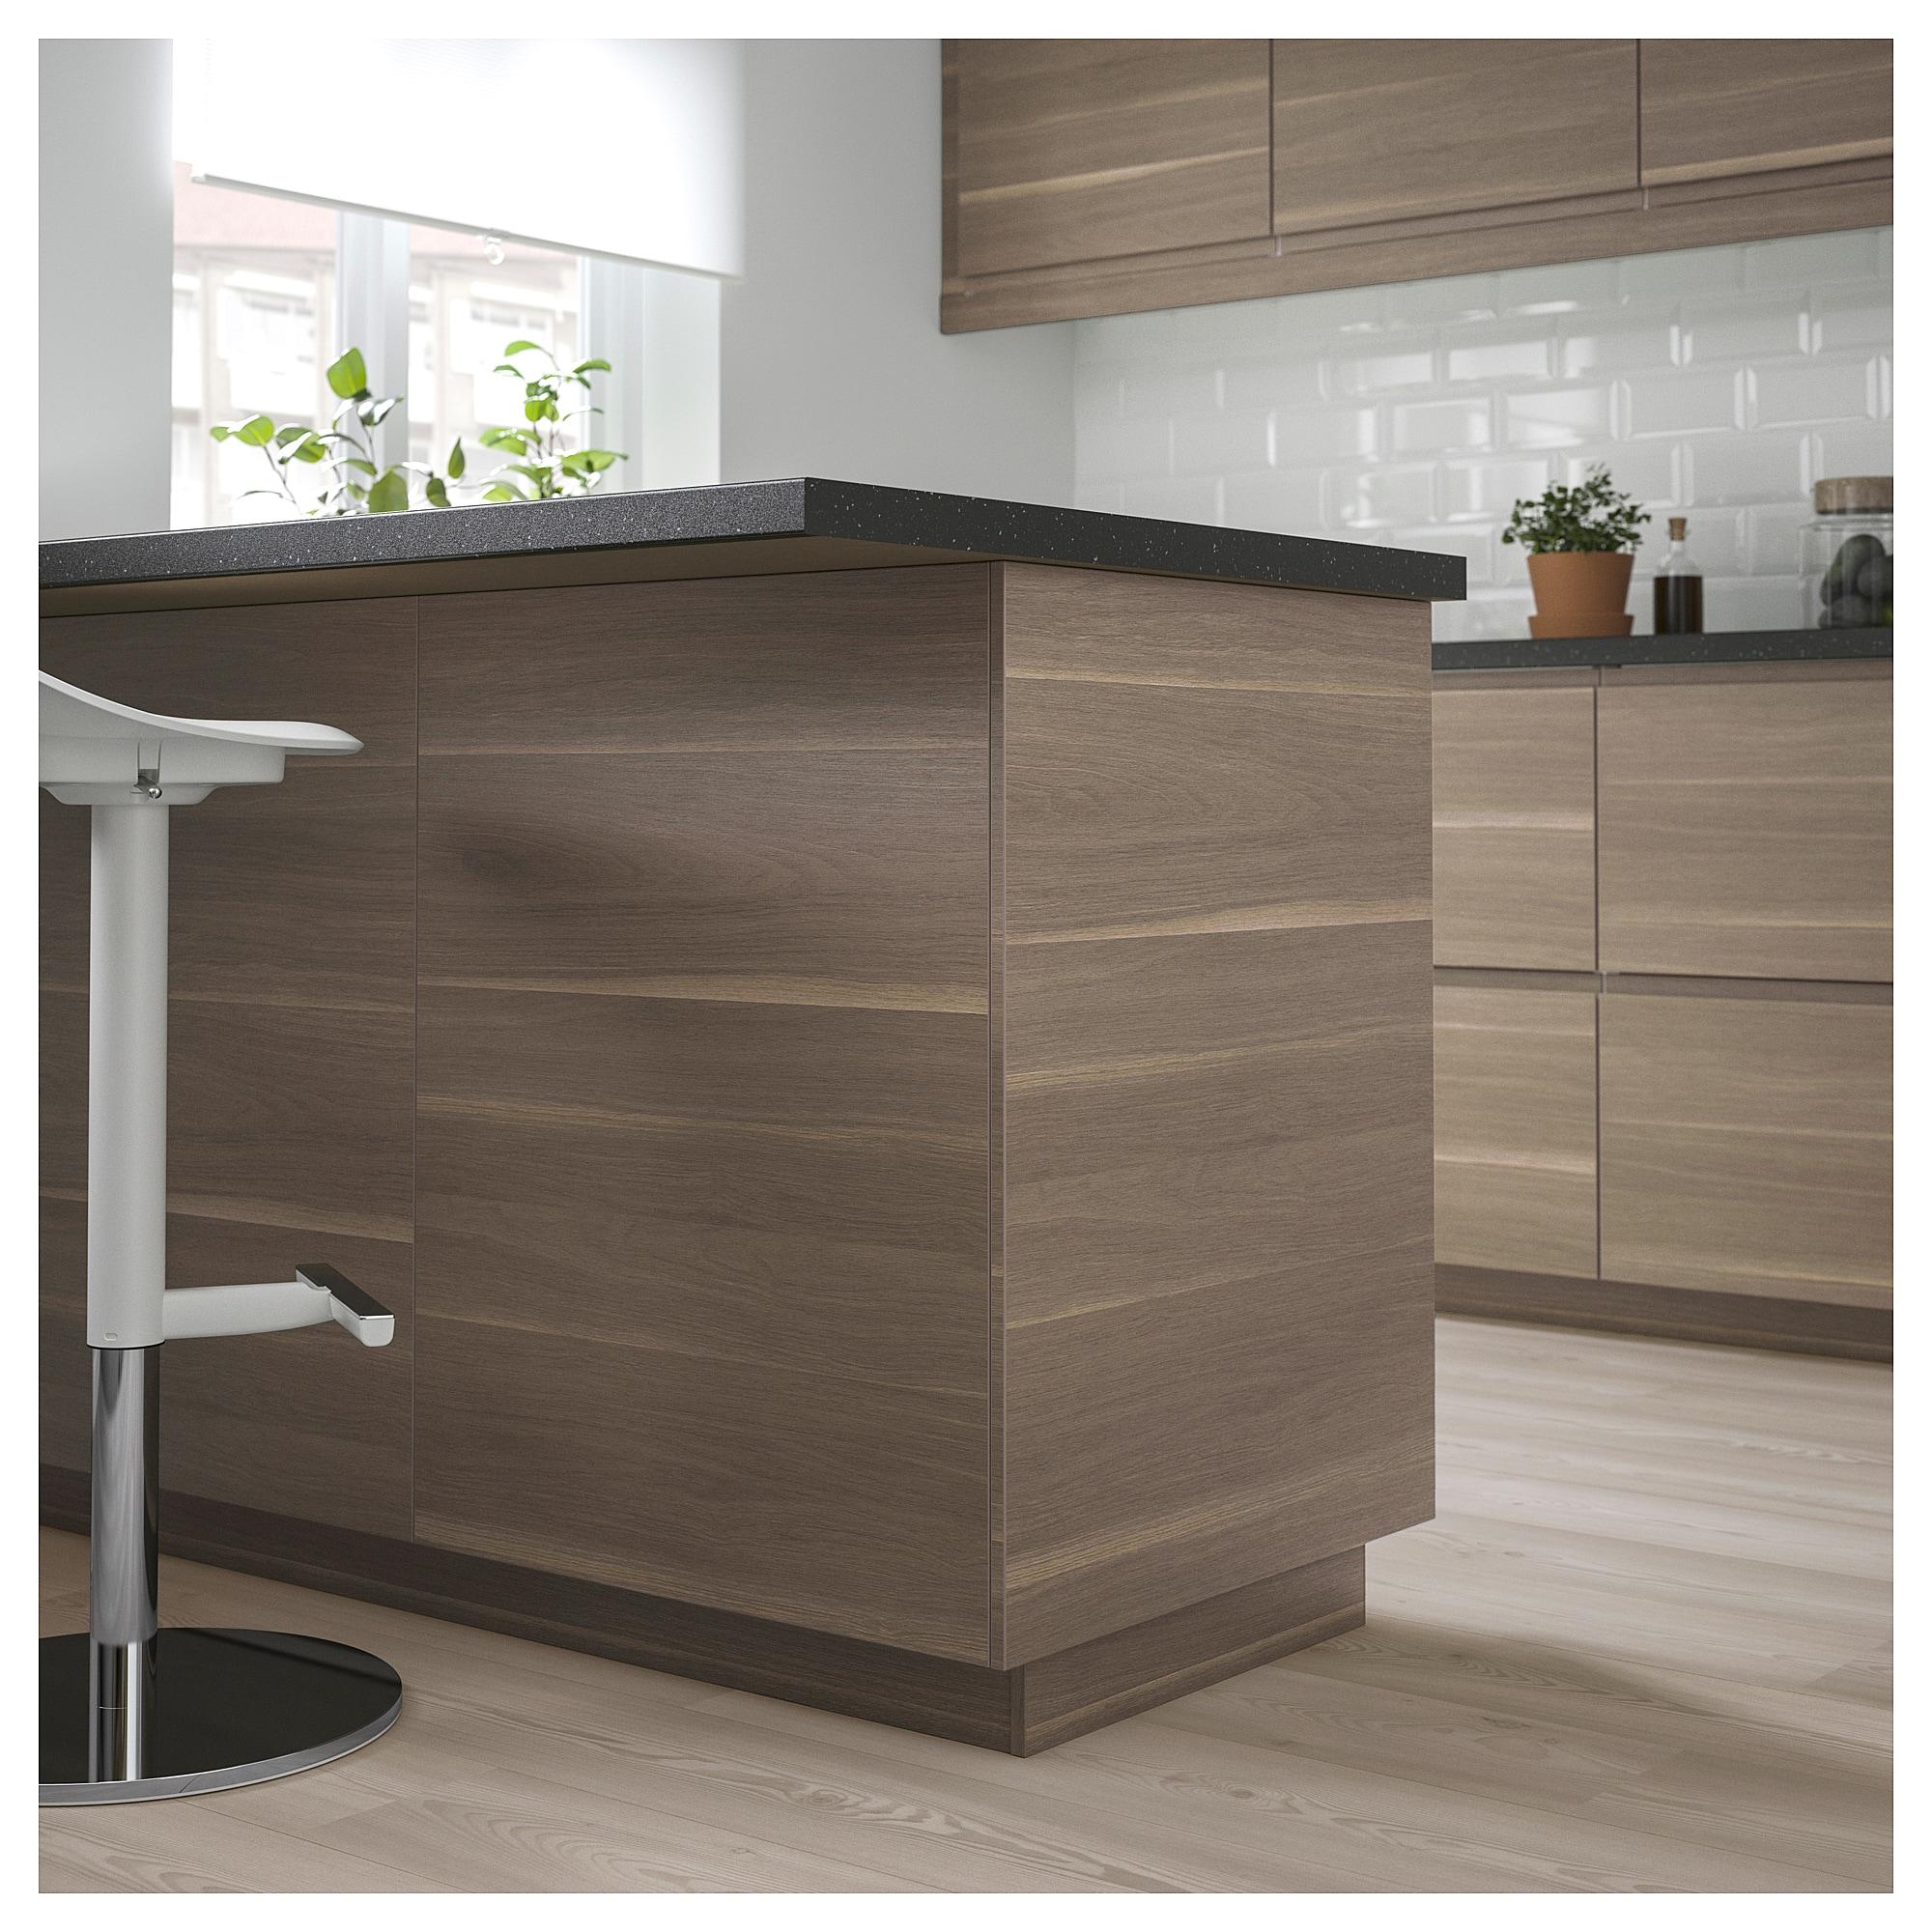 Voxtorp Deckseite Nussbaumnachbildung In 2019 Interieur Ikea